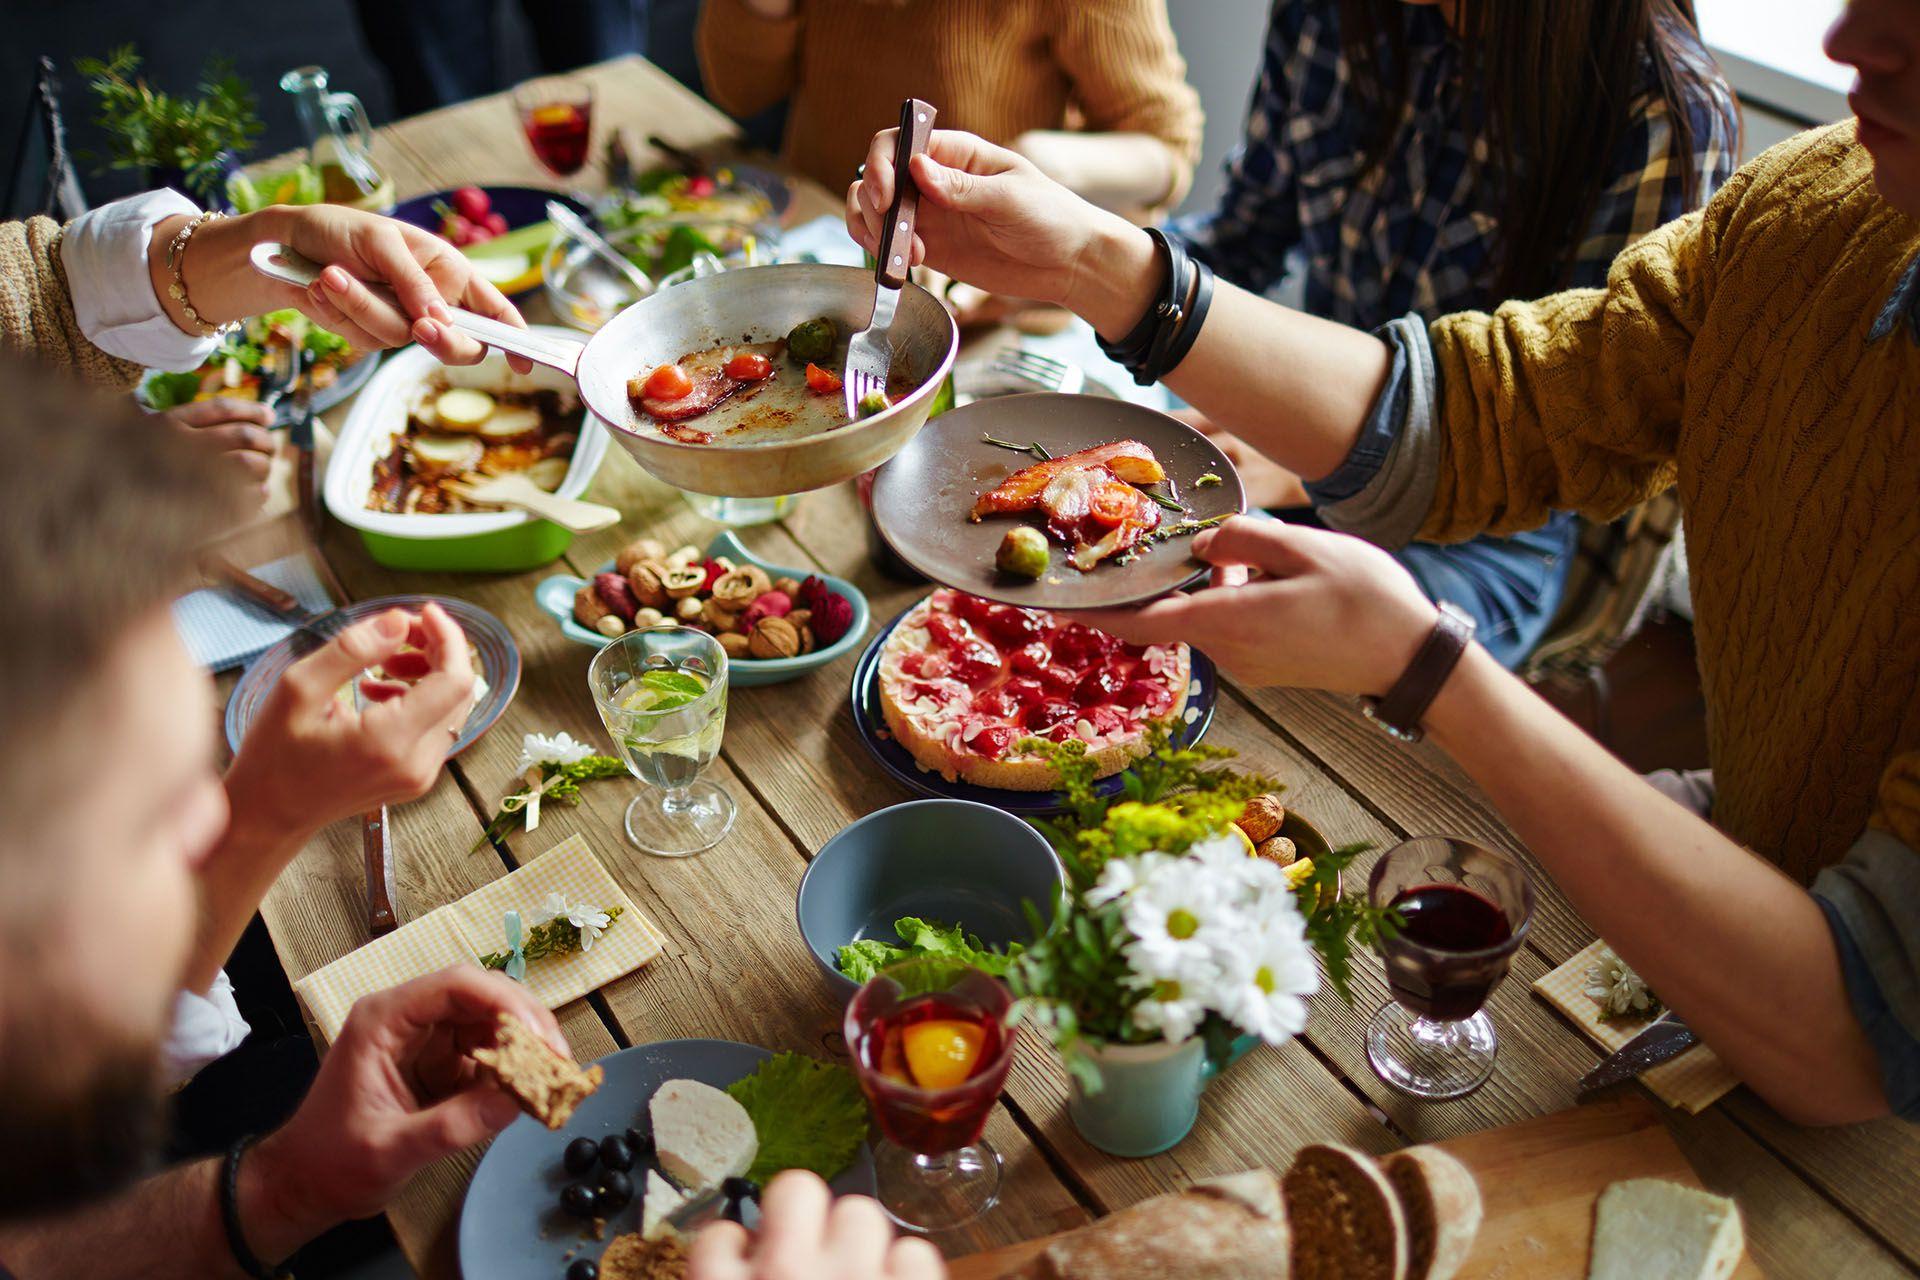 La alimentación debe ser sana, equilibrada y variada para tener una buena salud